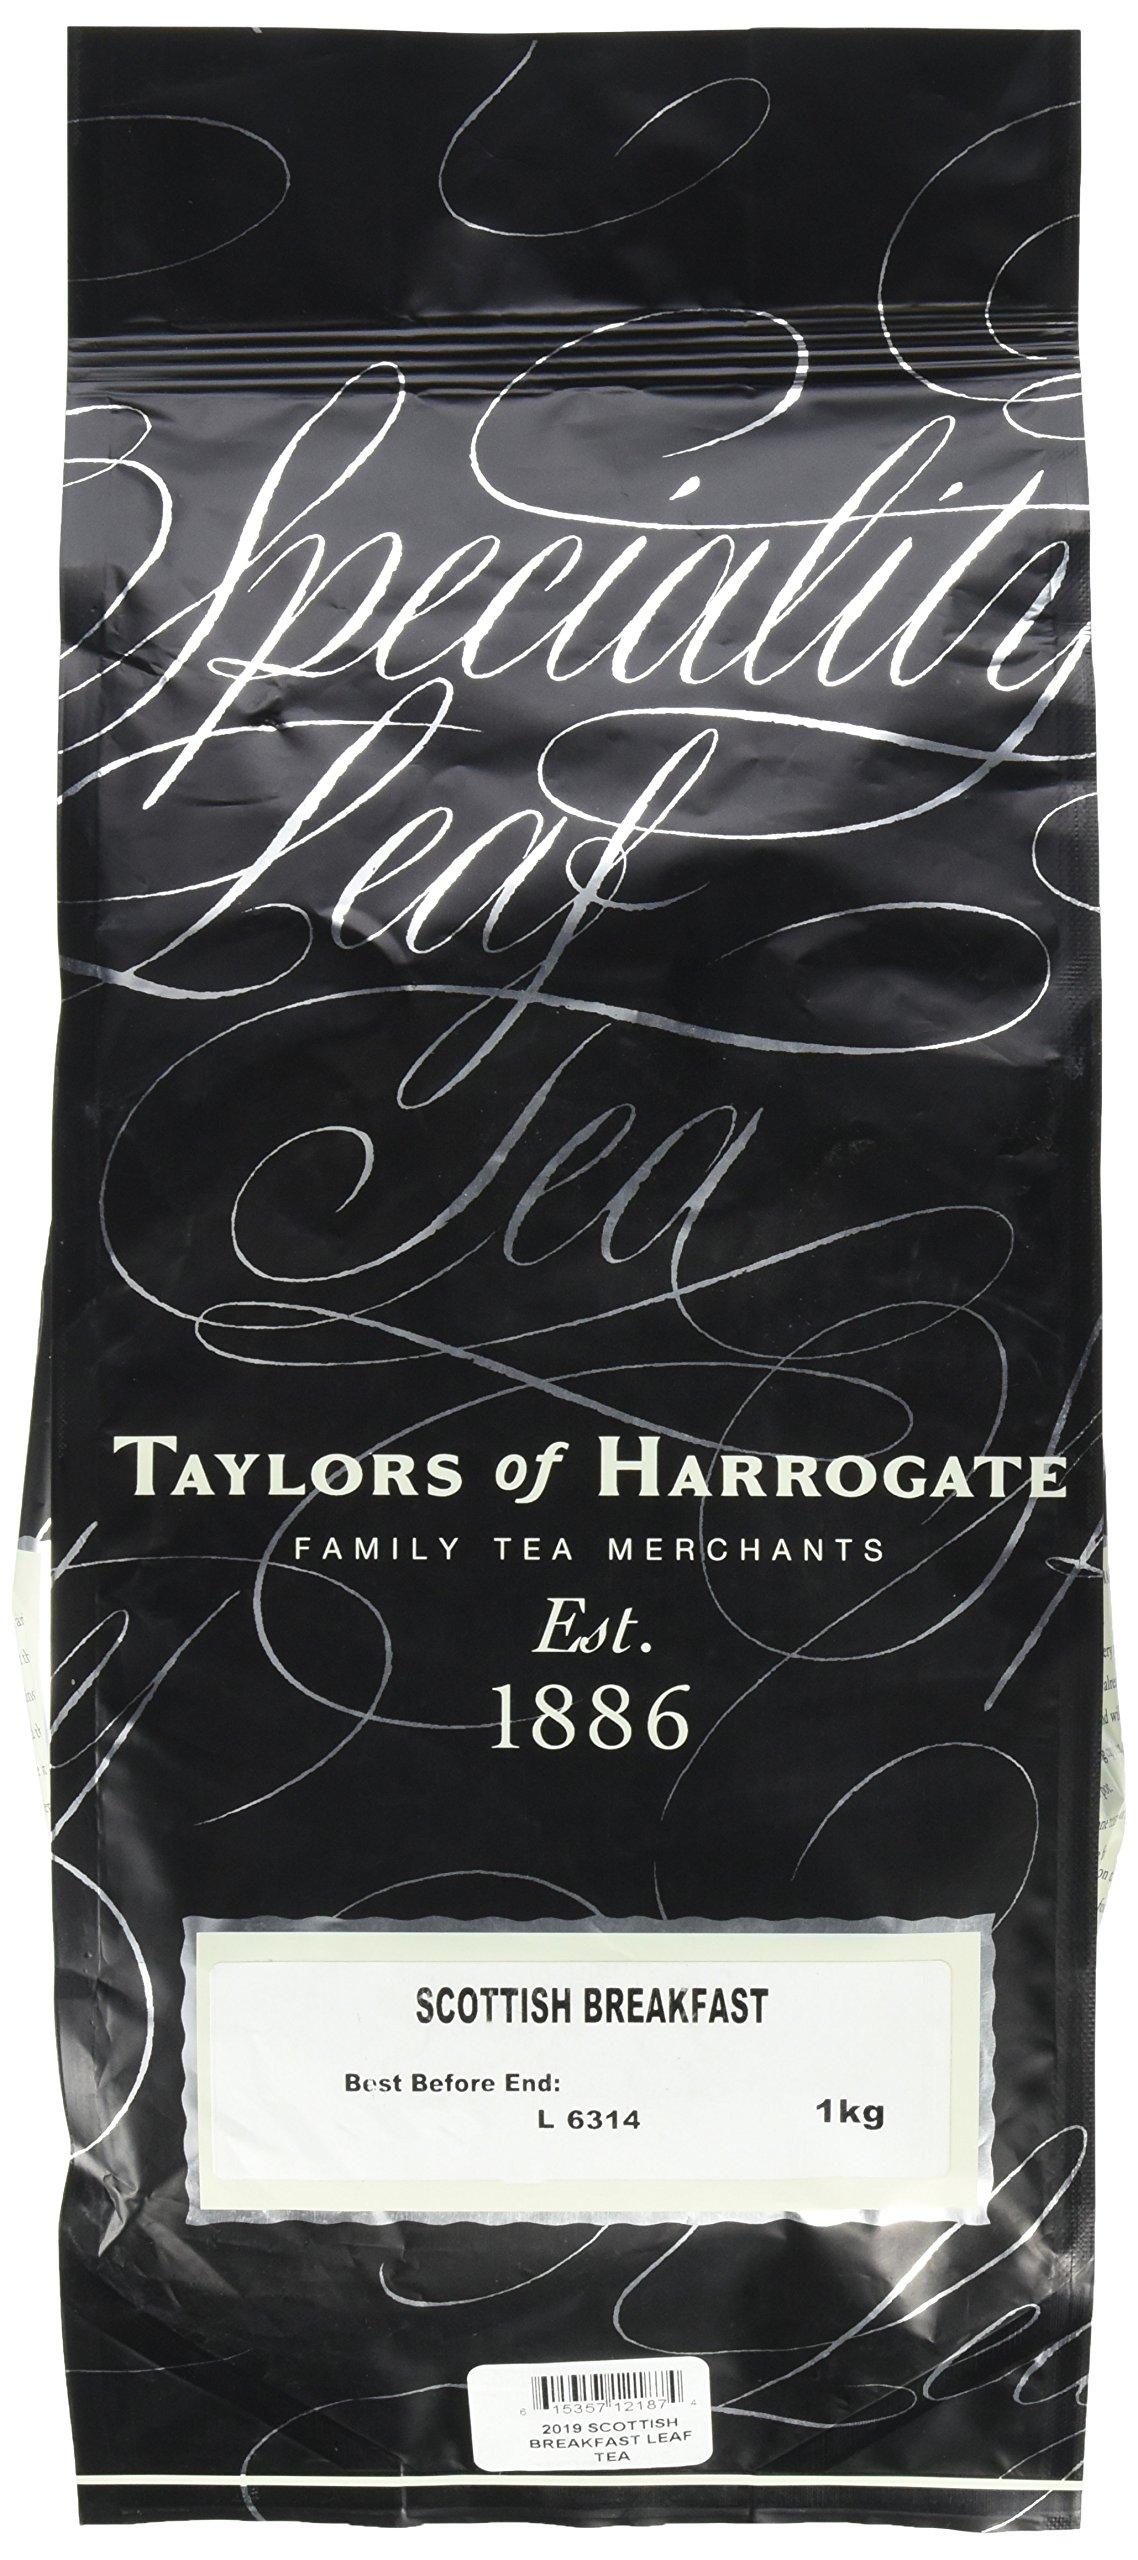 Taylors of Harrogate Scottish Breakfast Loose Leaf, Kilo Bag